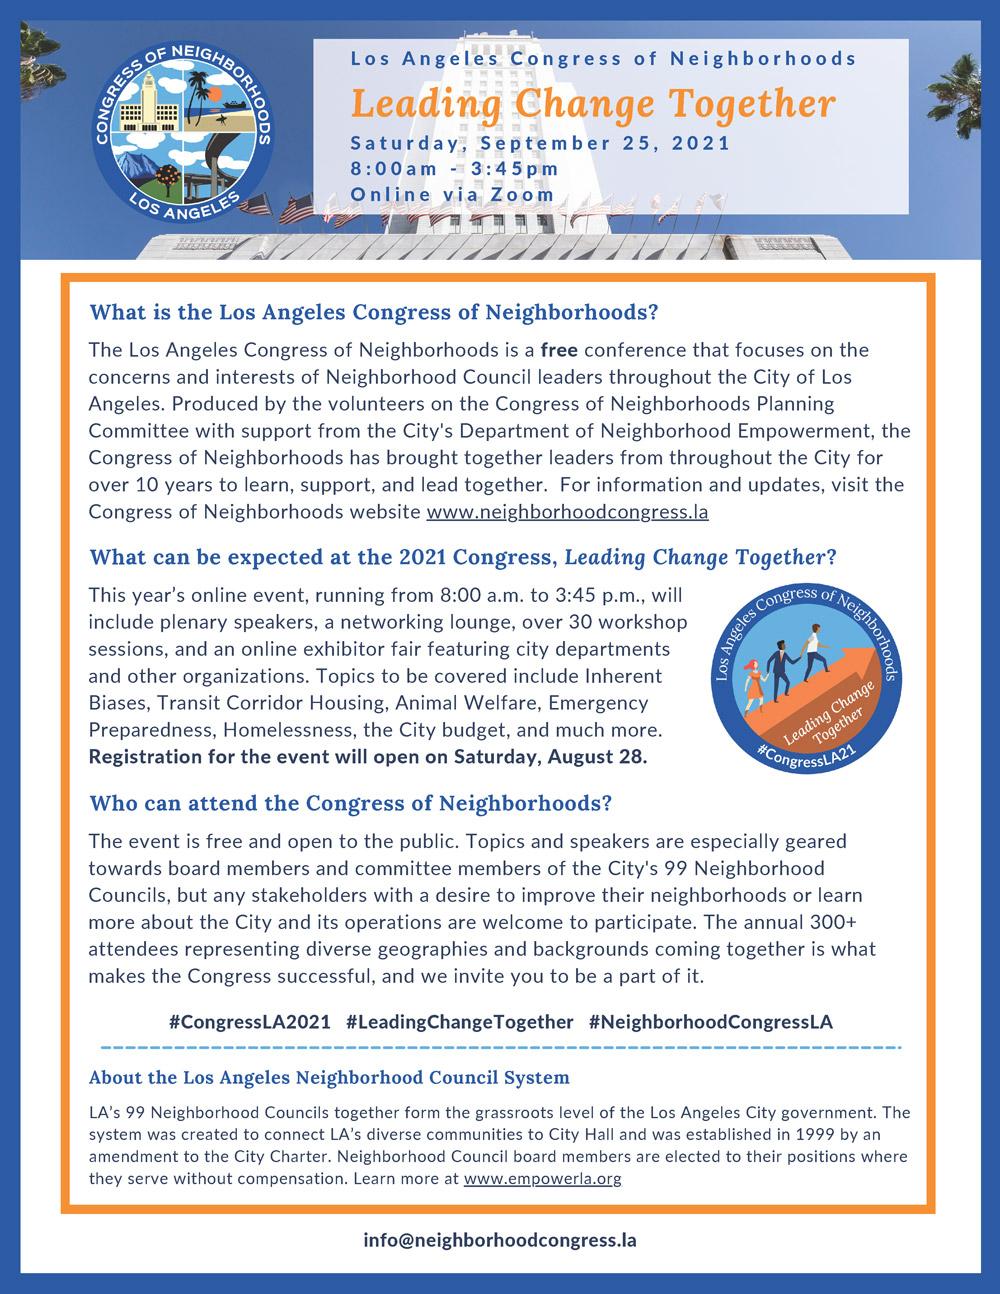 Congress of Neighborhoods